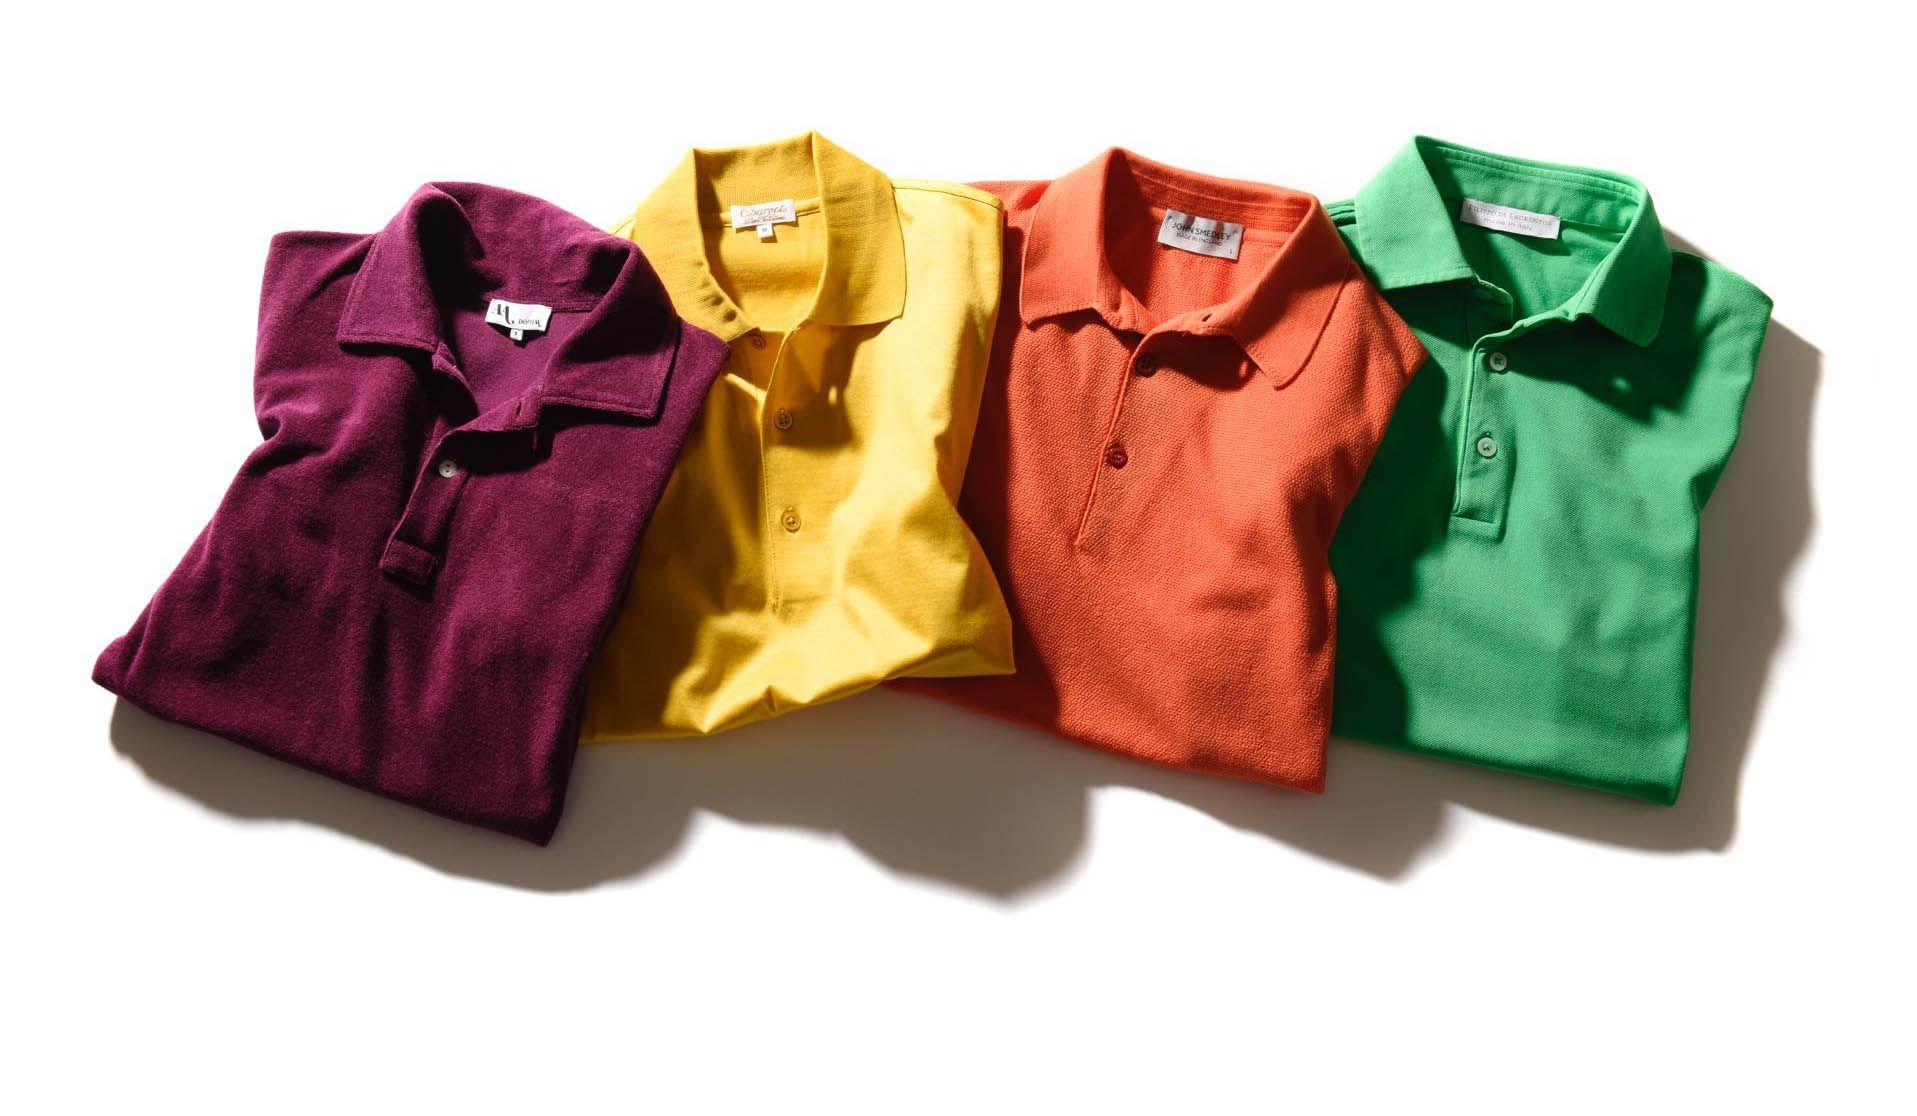 ドッピア アー、シャルべ、フィリッポ ディ ローレンティス、ジョン スメドレーのカラーポロシャツ